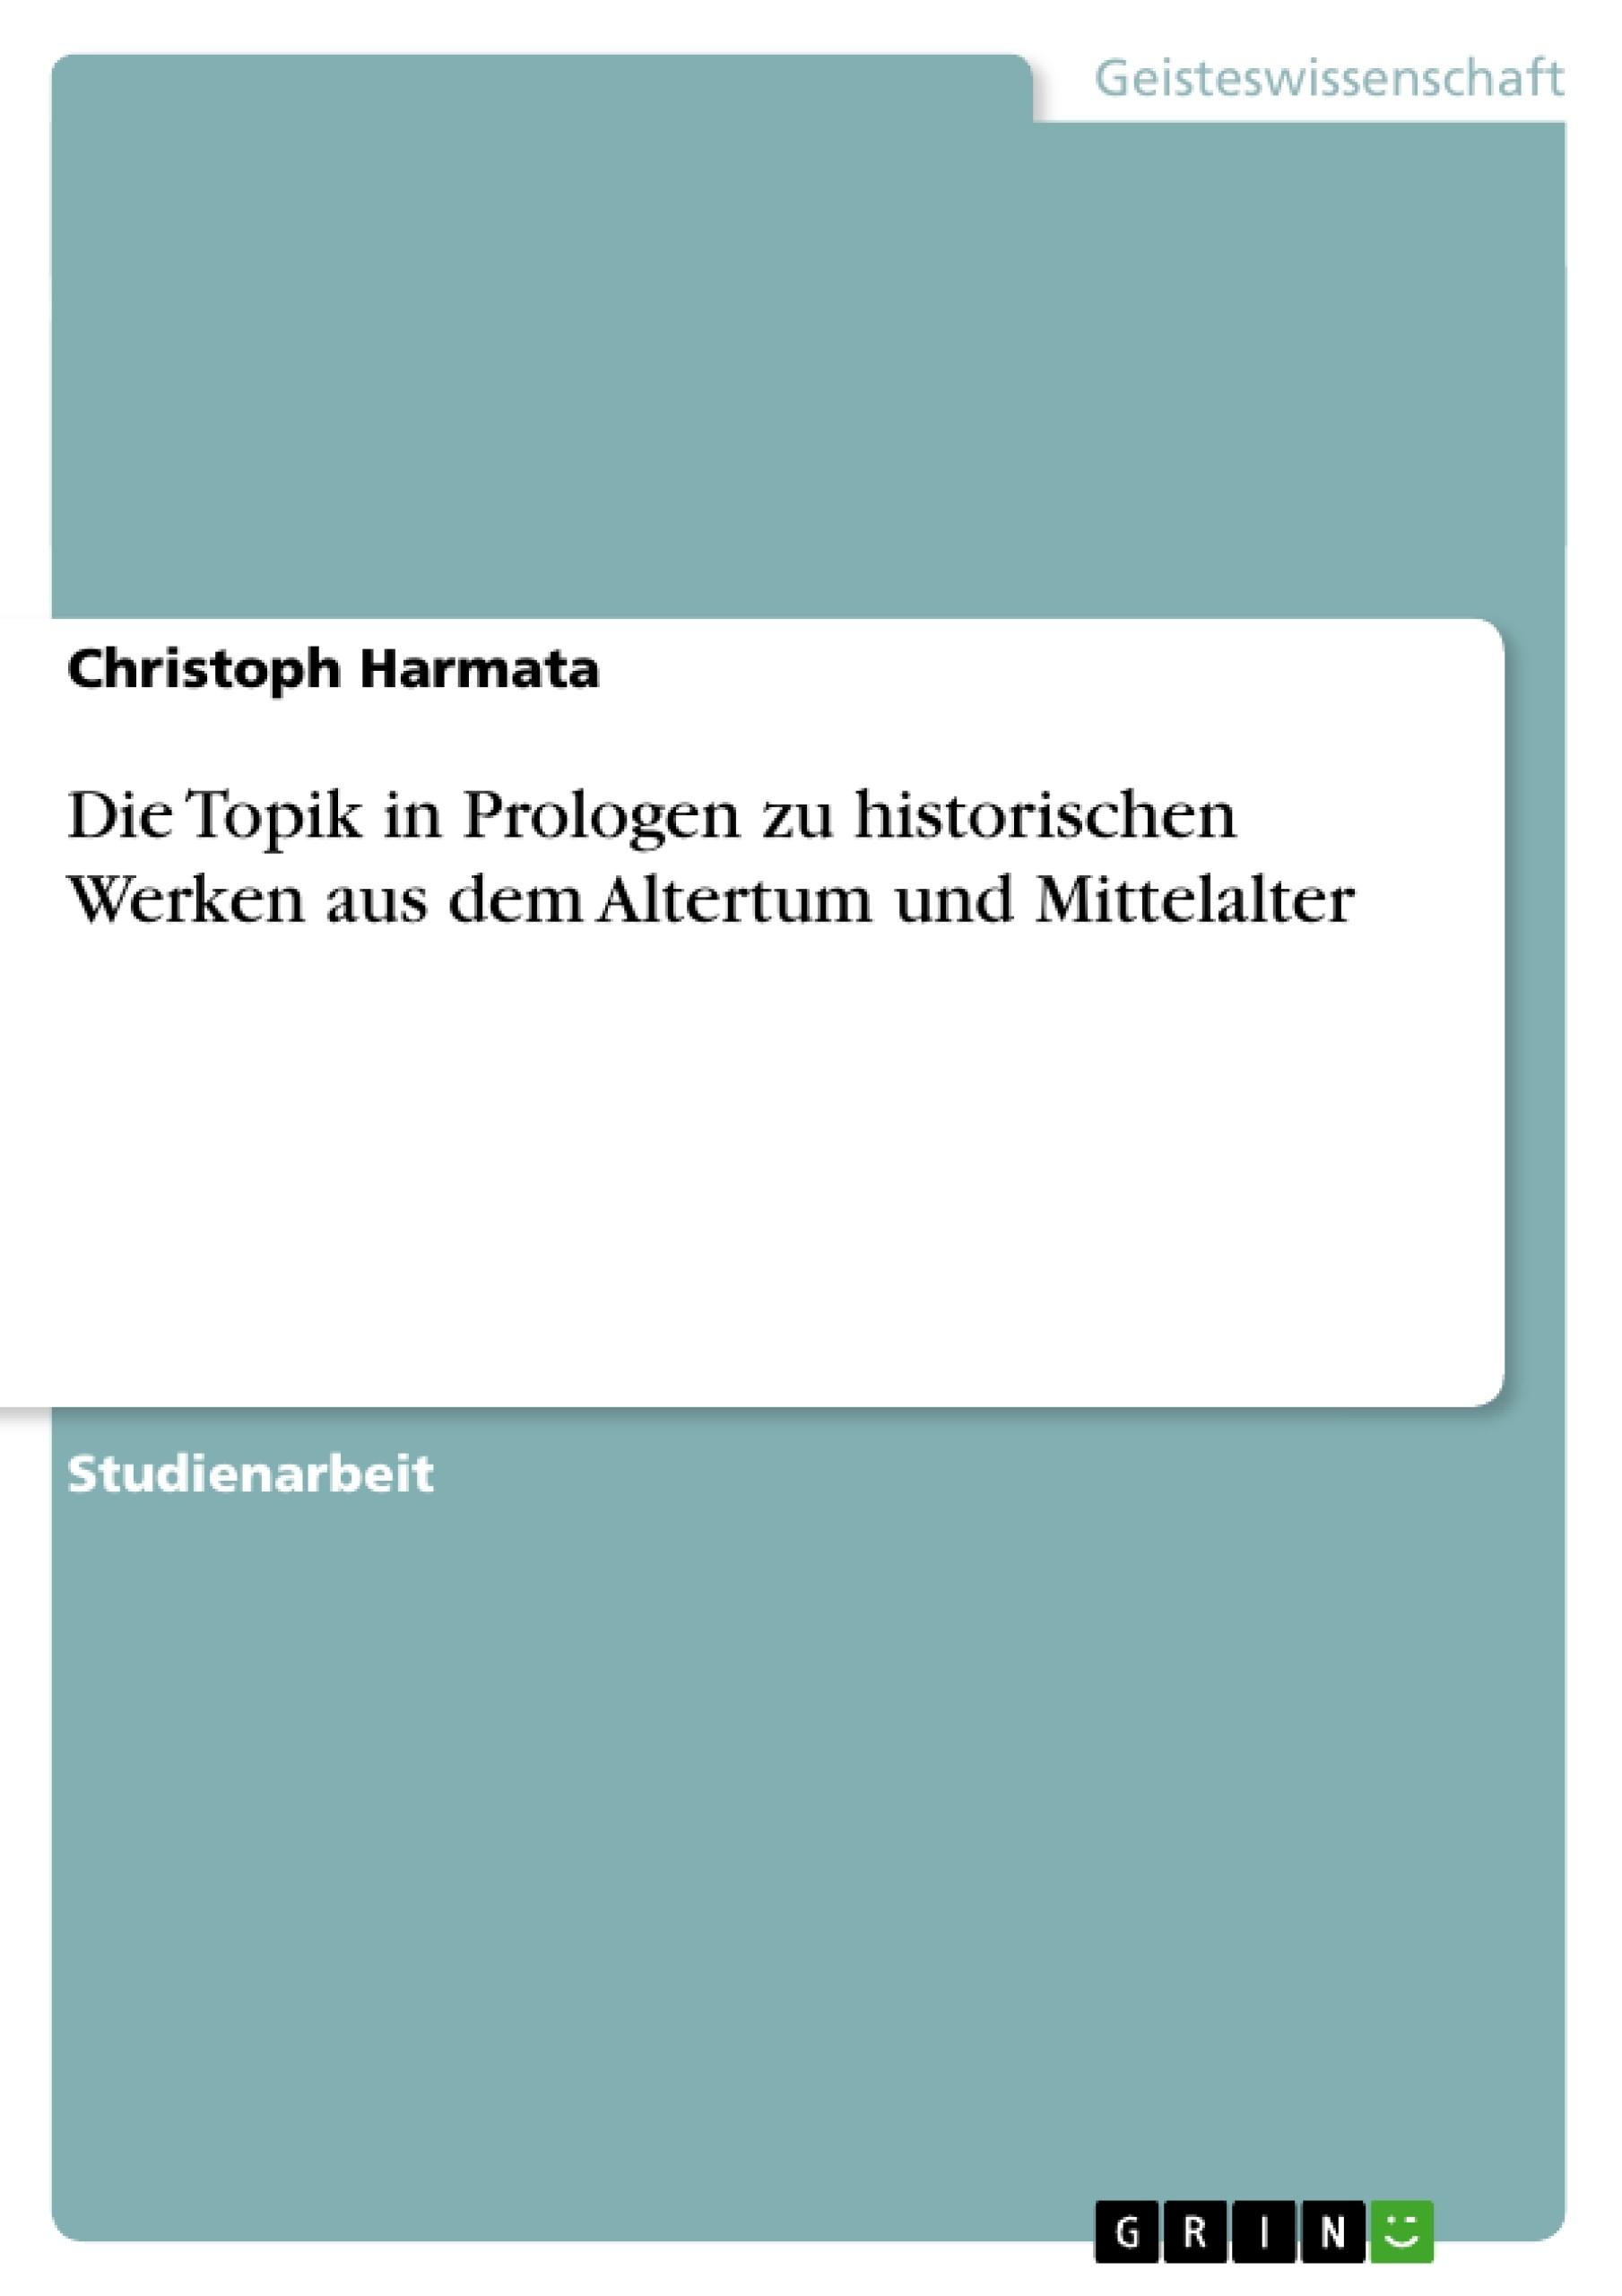 Titel: Die Topik in Prologen zu historischen Werken aus dem Altertum und Mittelalter